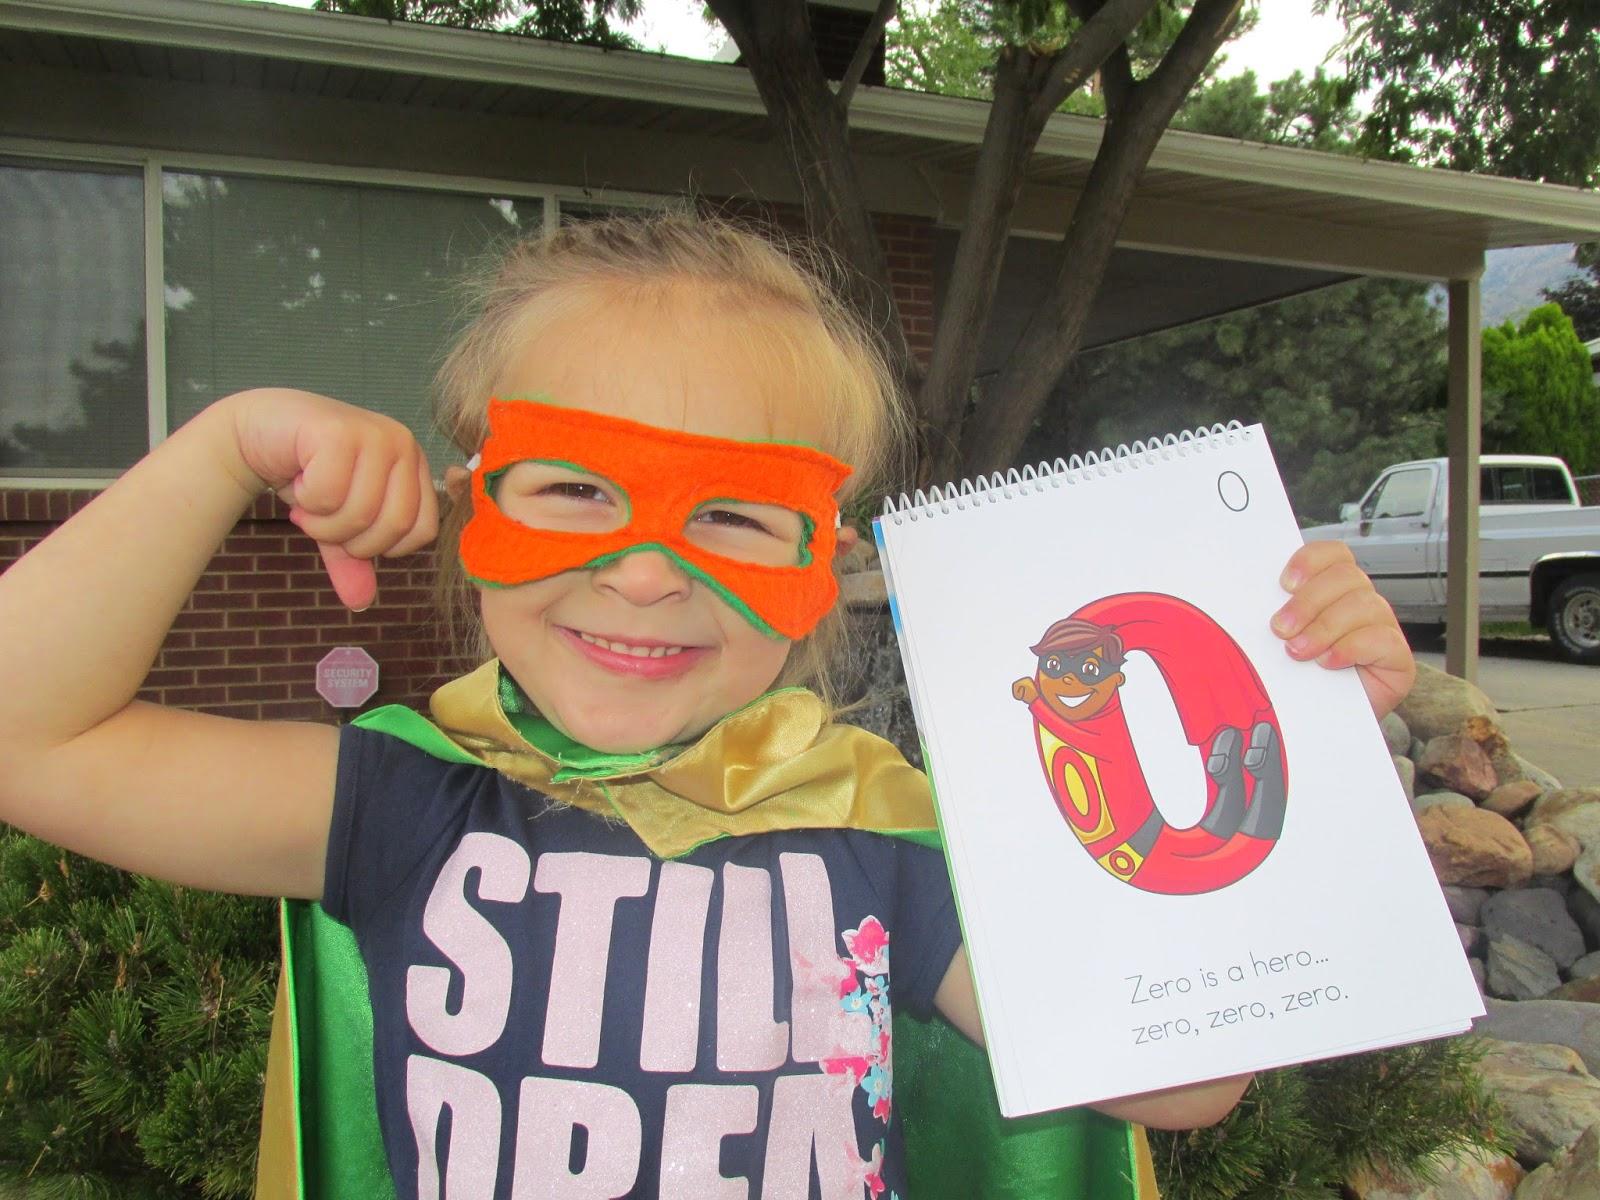 Child Superhero for Zero es un tema de héroe